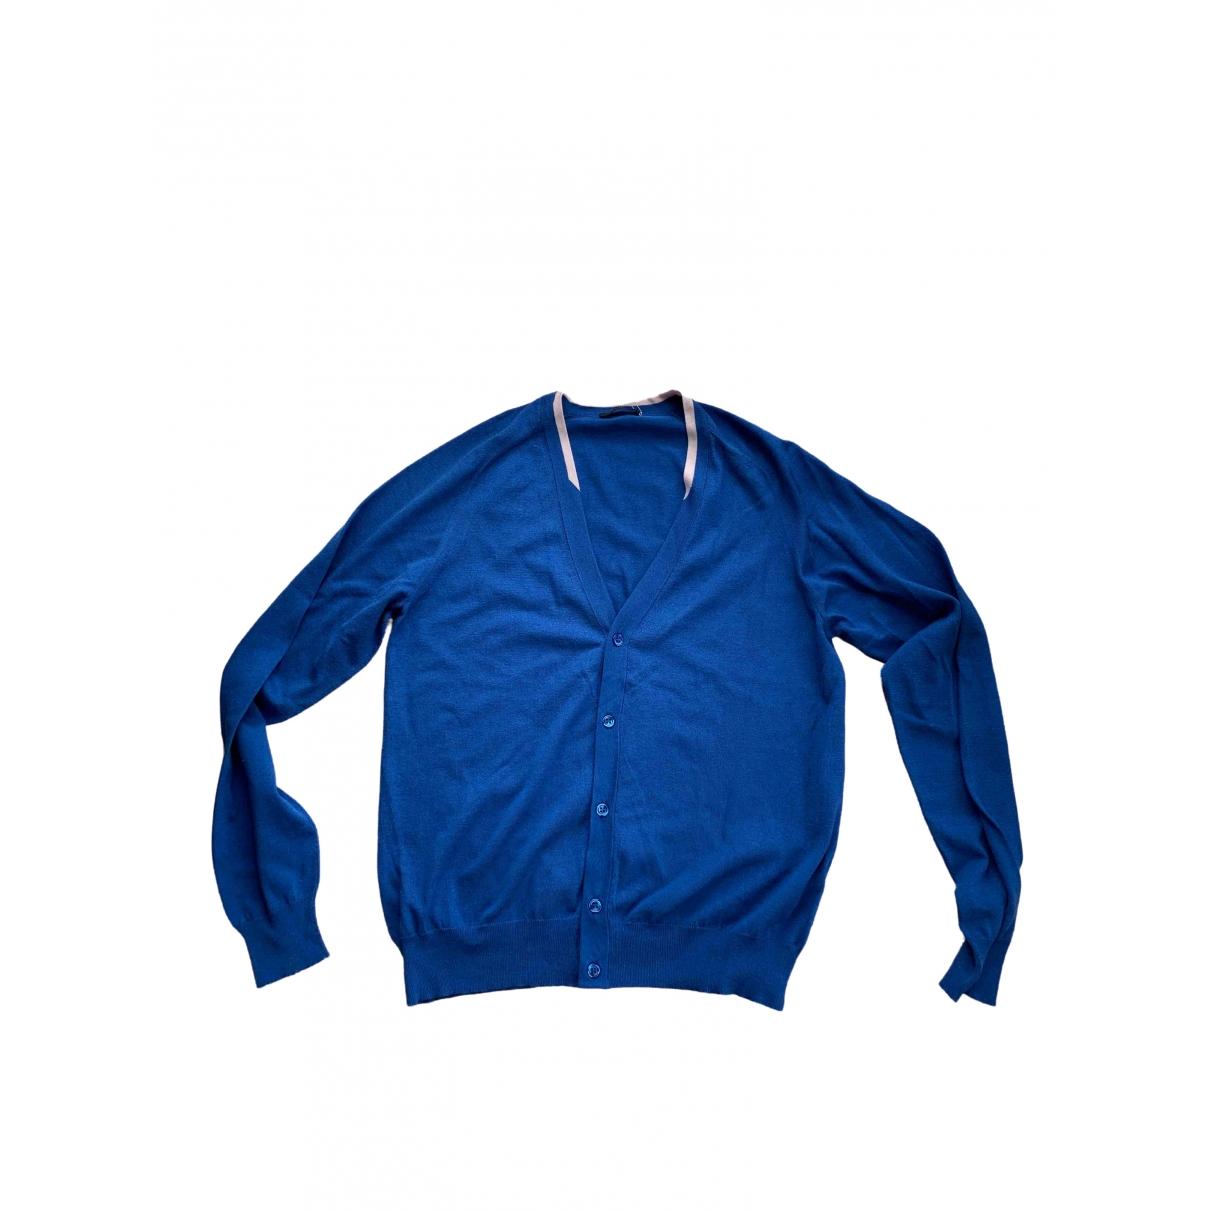 La Perla \N Blue Silk Knitwear & Sweatshirts for Men S International